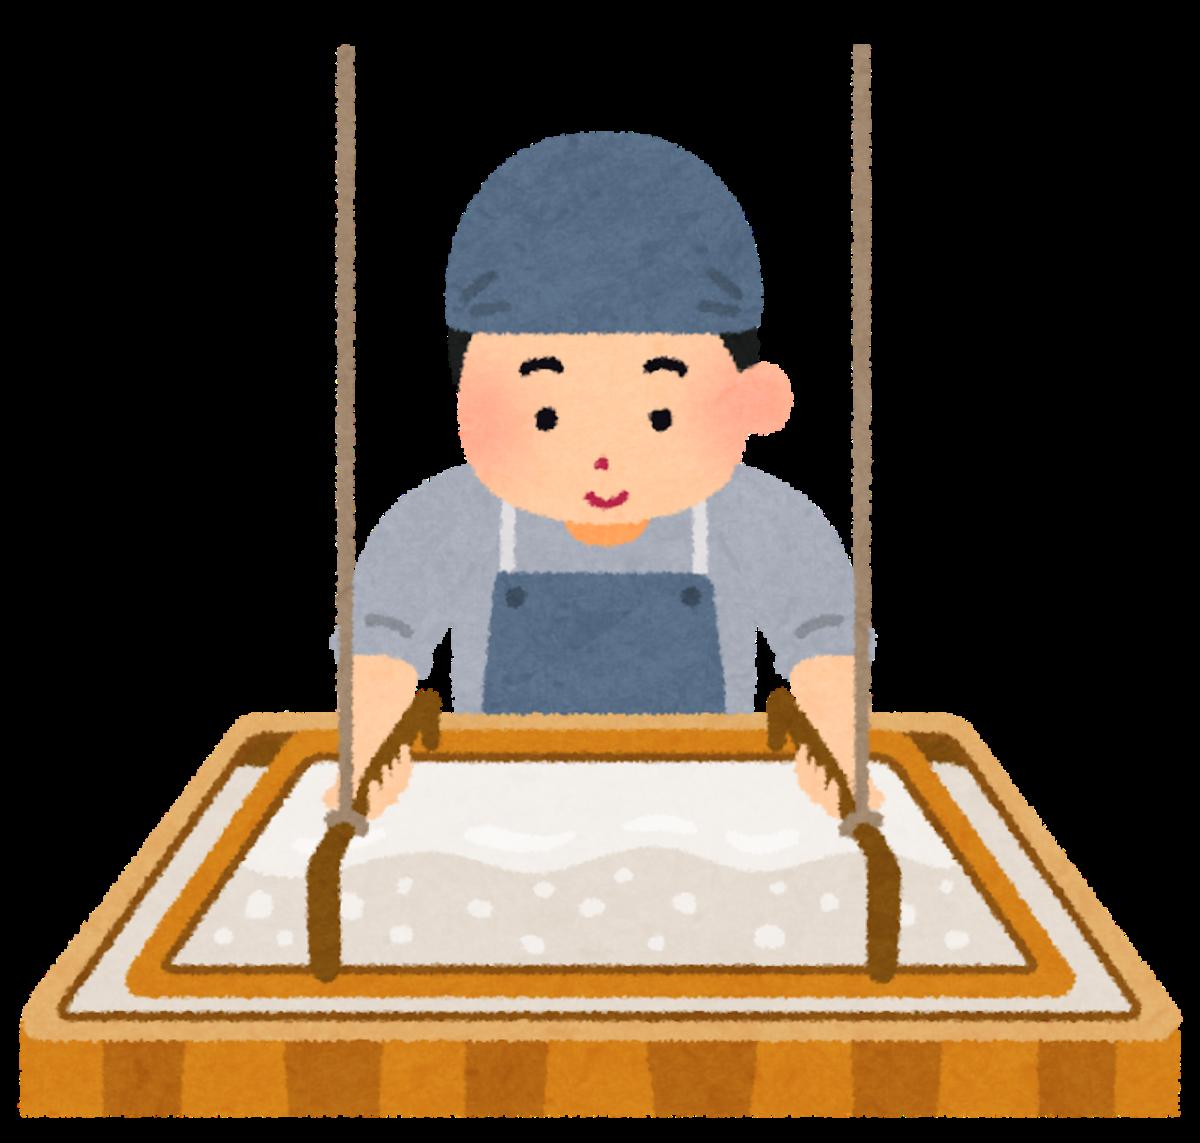 【2021.8/1(日)開催】堺区・堺市都市緑化センターの講習会★『紙すき体験教室』の受付は7/1(木)~だよ!: